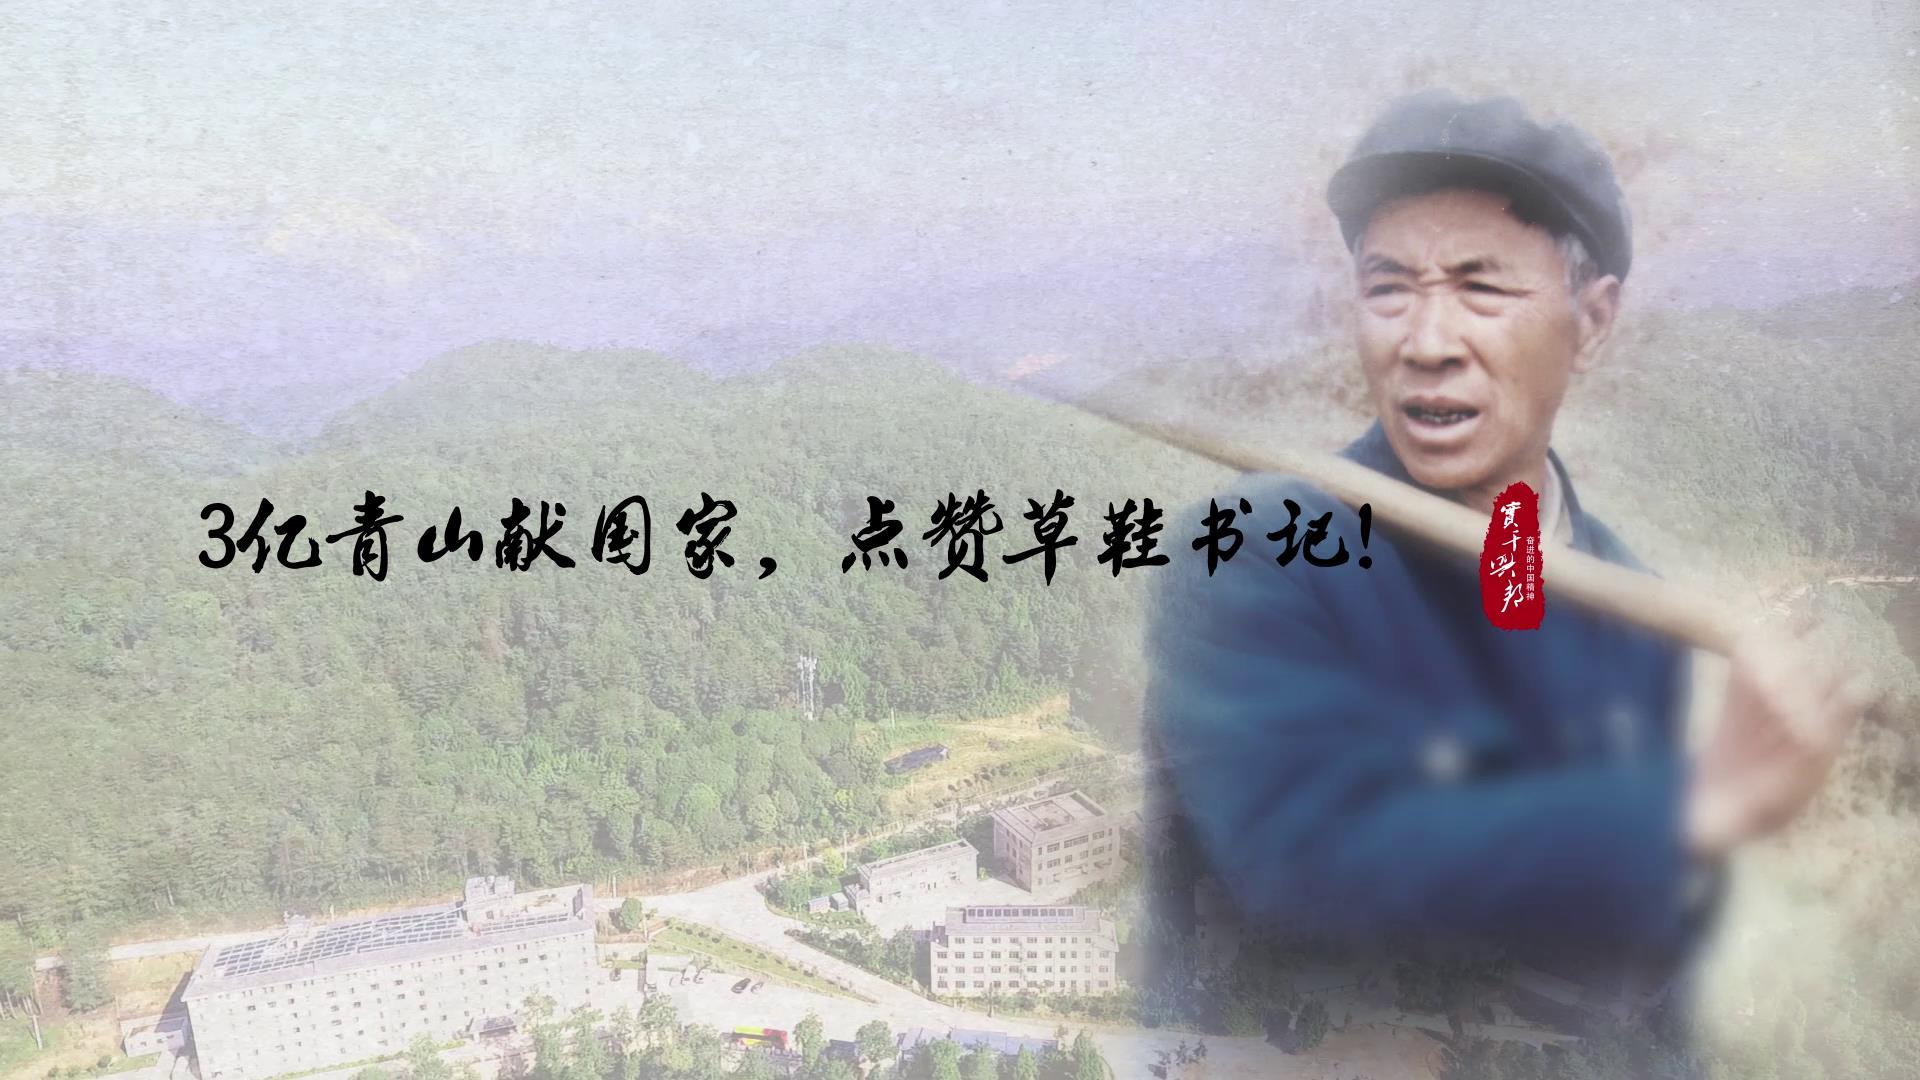 【奋进的中国精神】3亿青山献国家,点赞草鞋书记图片